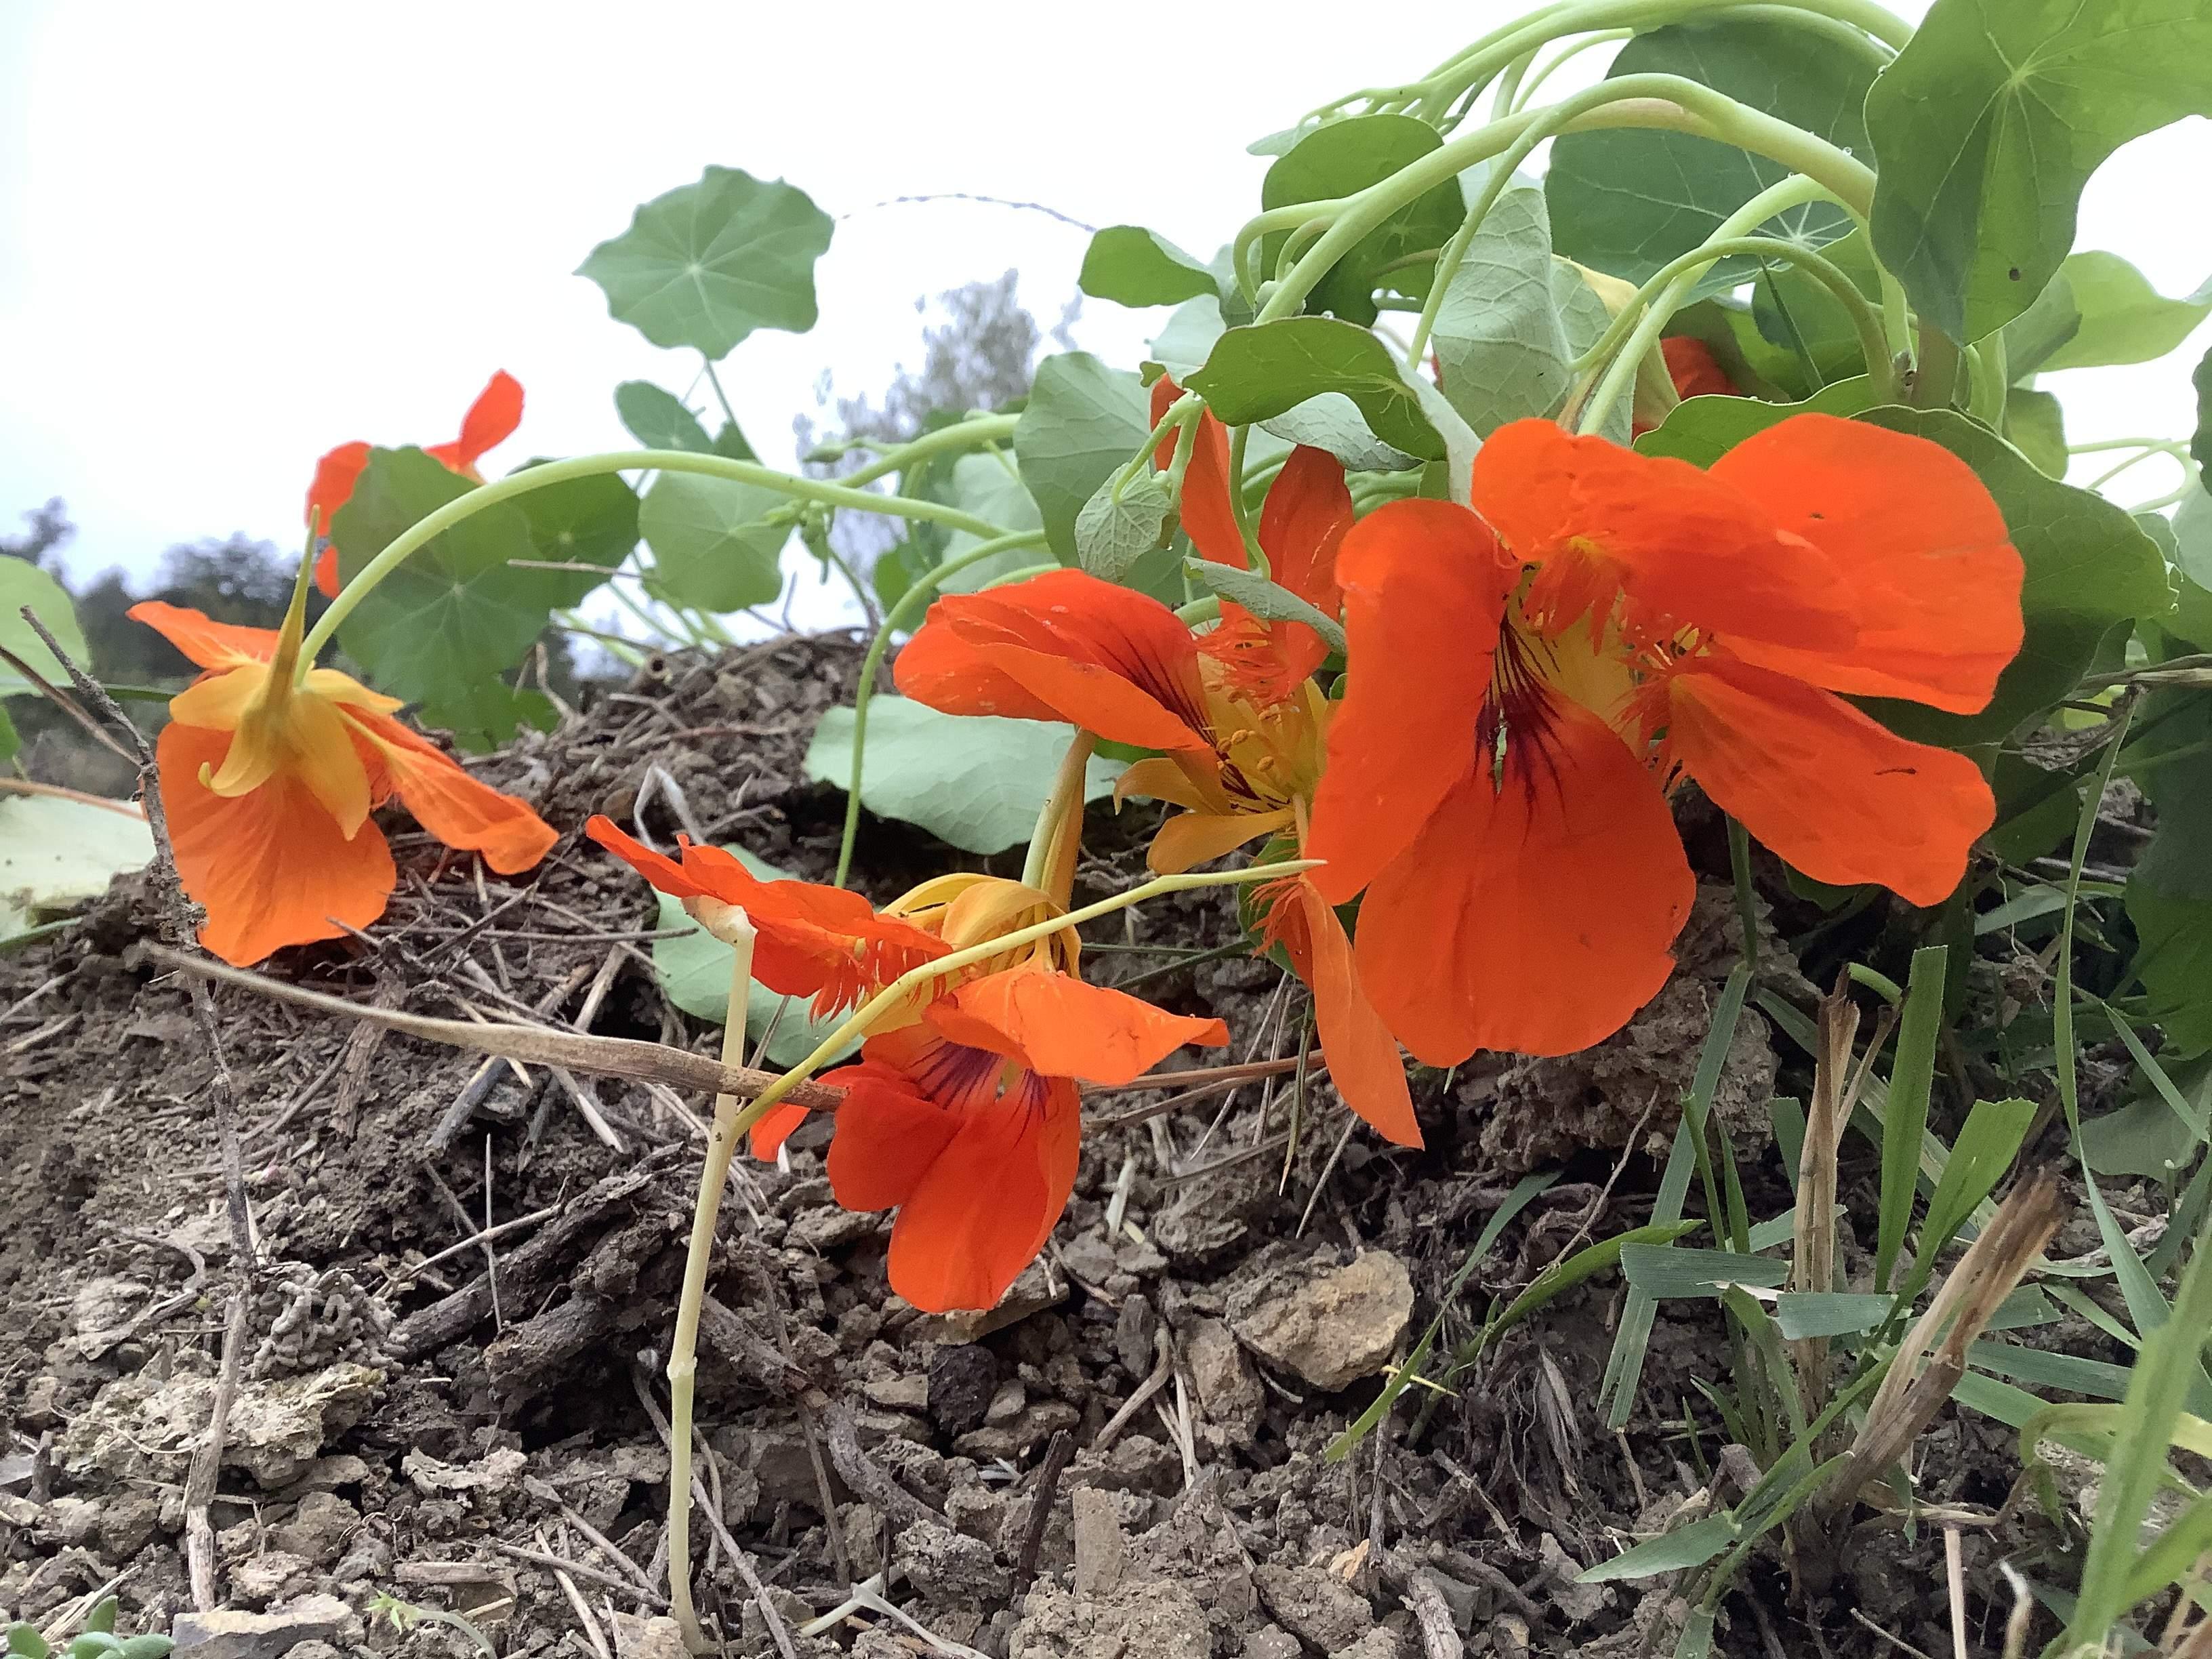 Fiori E Piante Commestibili 8 fiori di nasturzio edibili